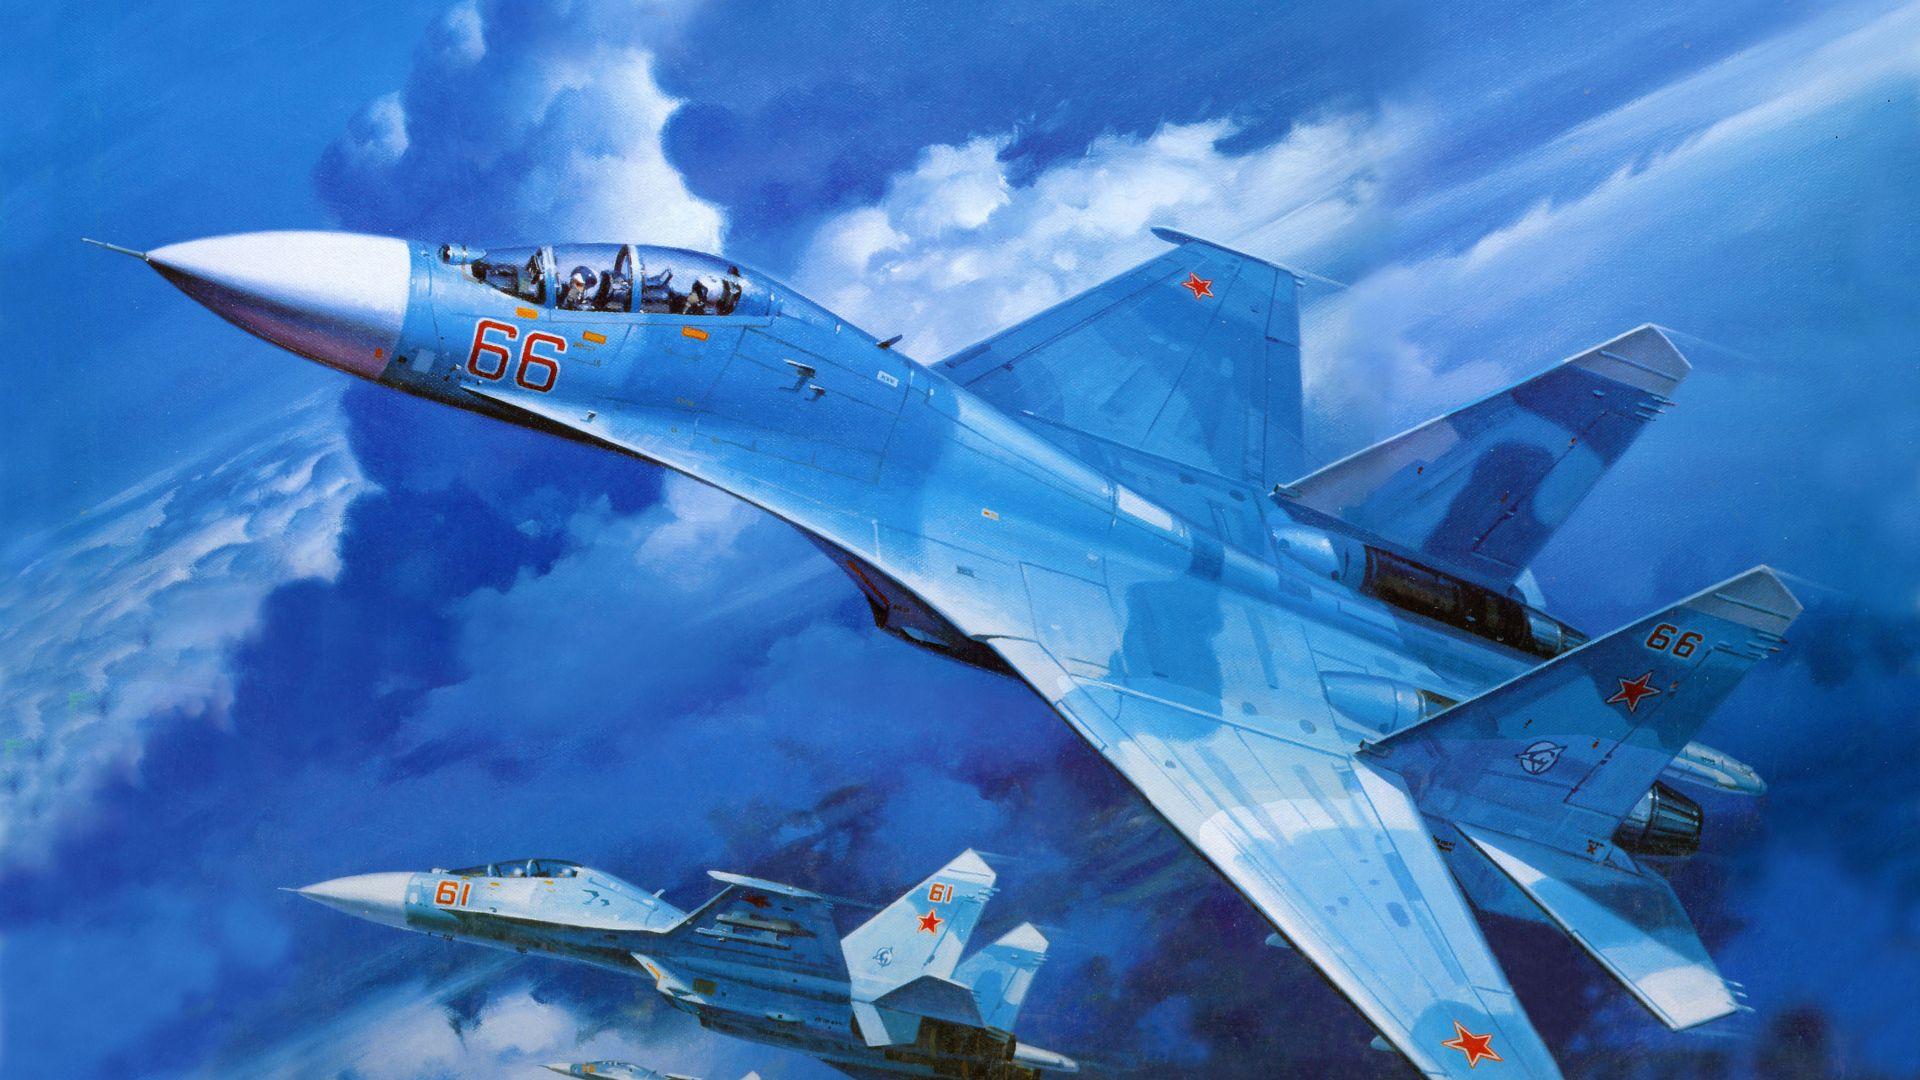 The Su 27